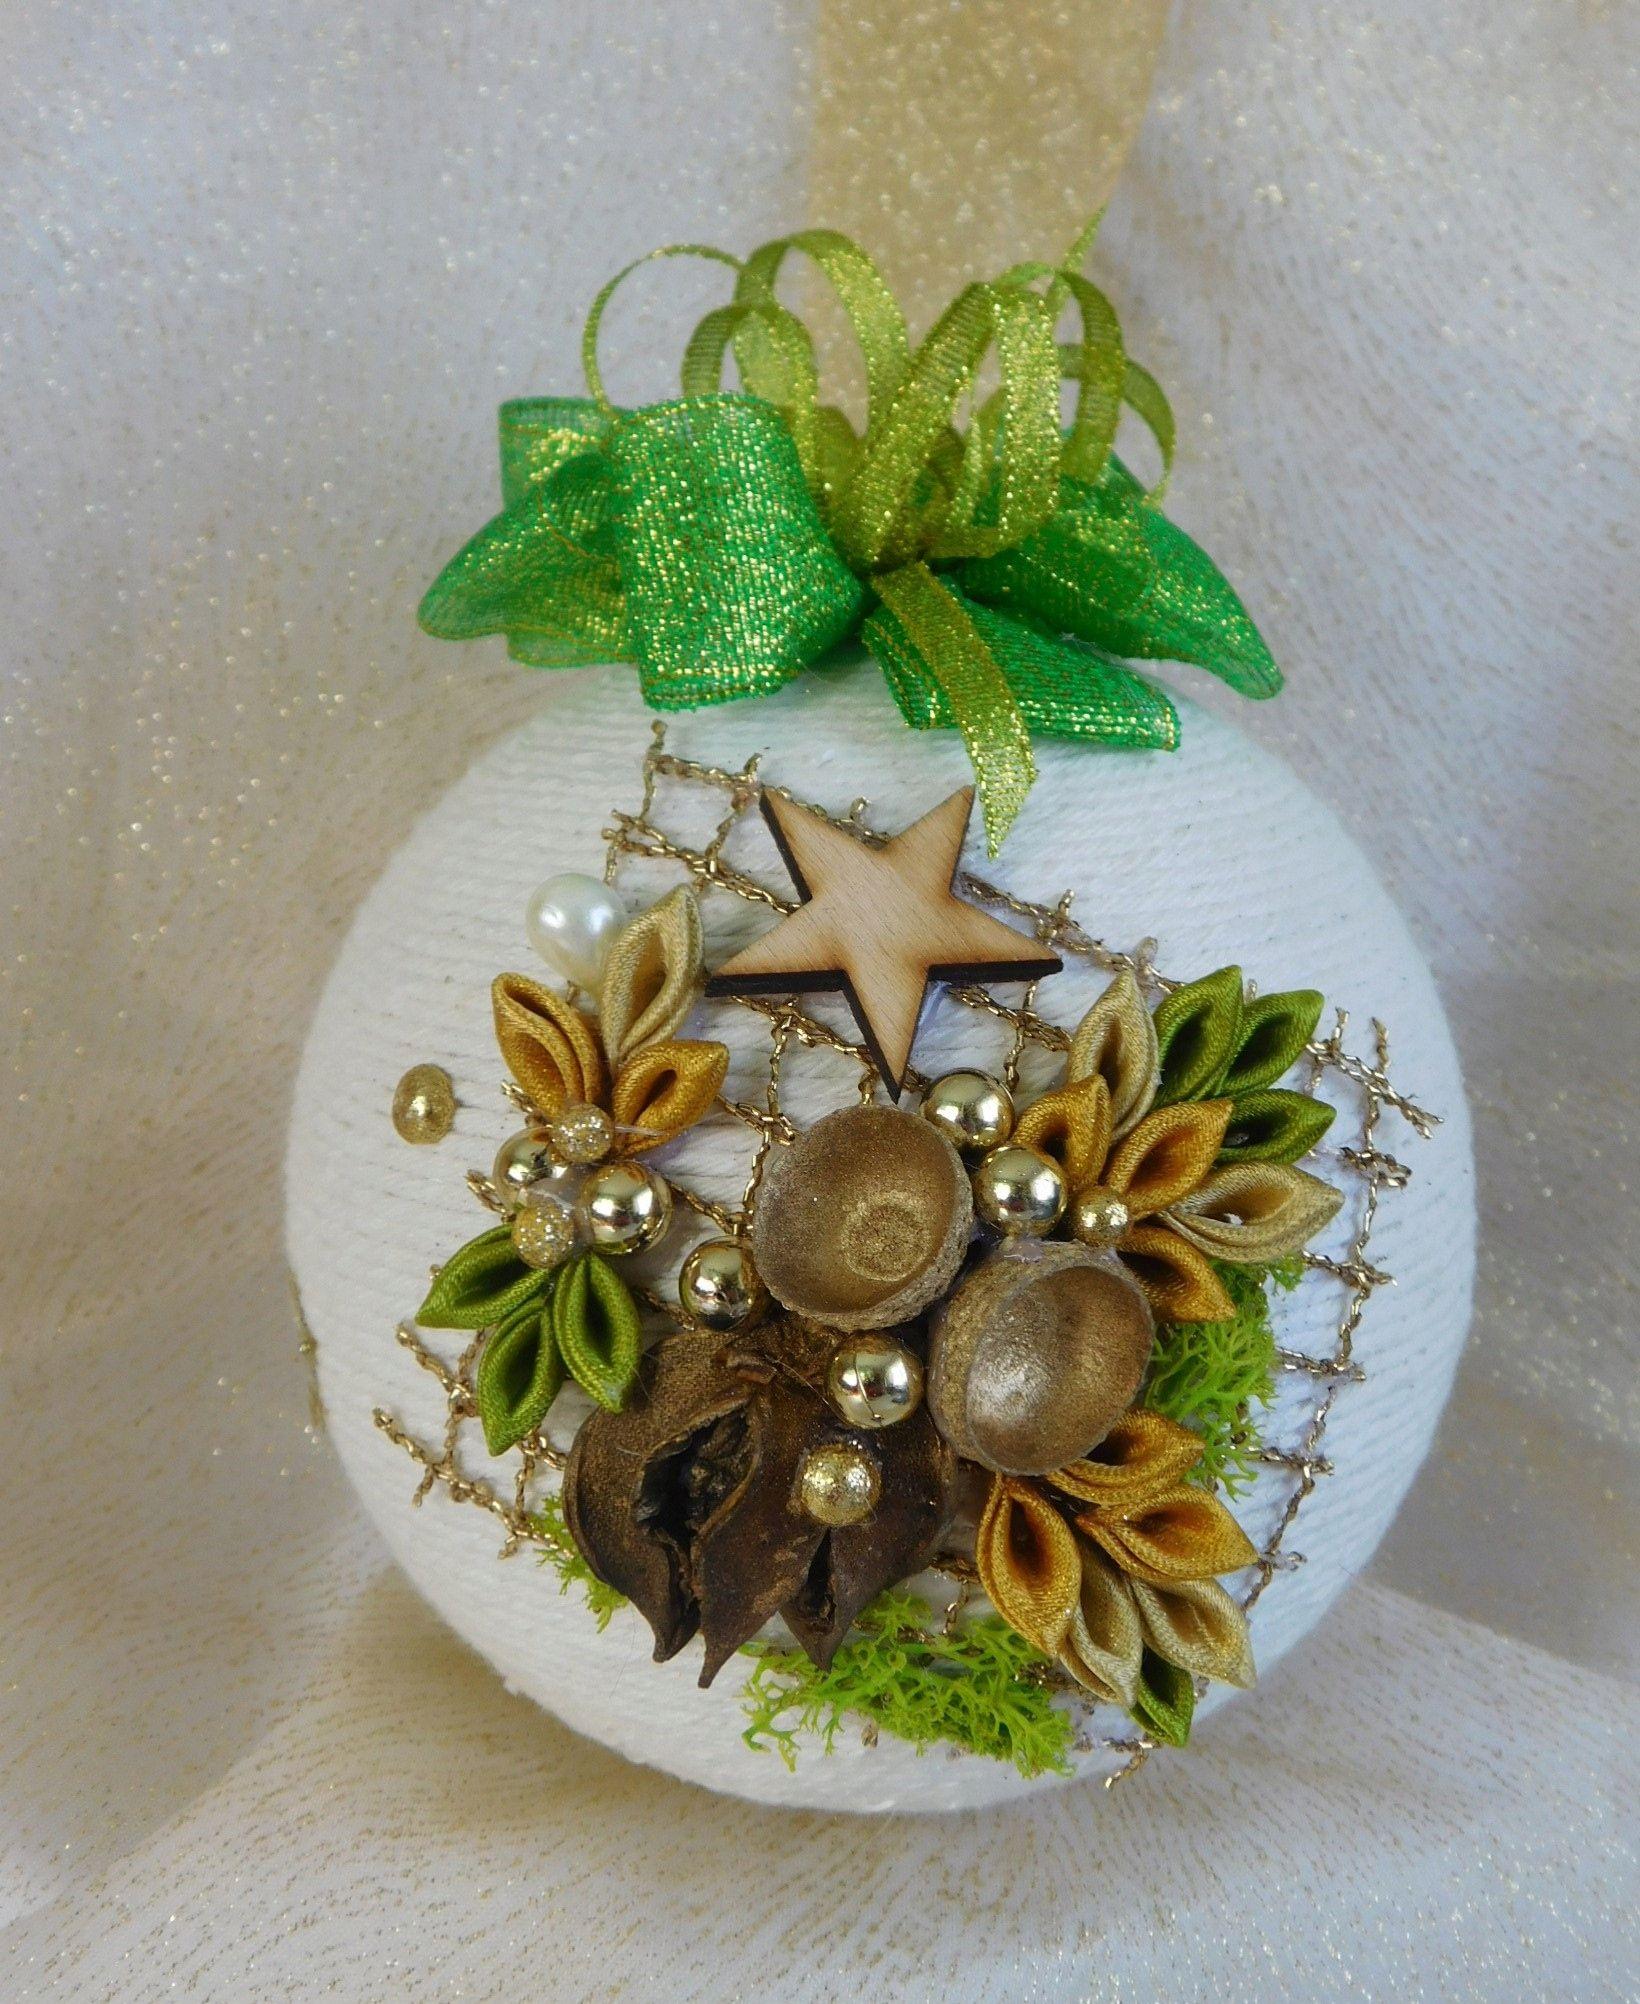 Piekna Bombka Sznurkowa Boze Narodzenie Rekodzielo 7594330796 Oficjalne Archiwum Allegro Fabric Ornaments Christmas Ornaments Christmas Bulbs